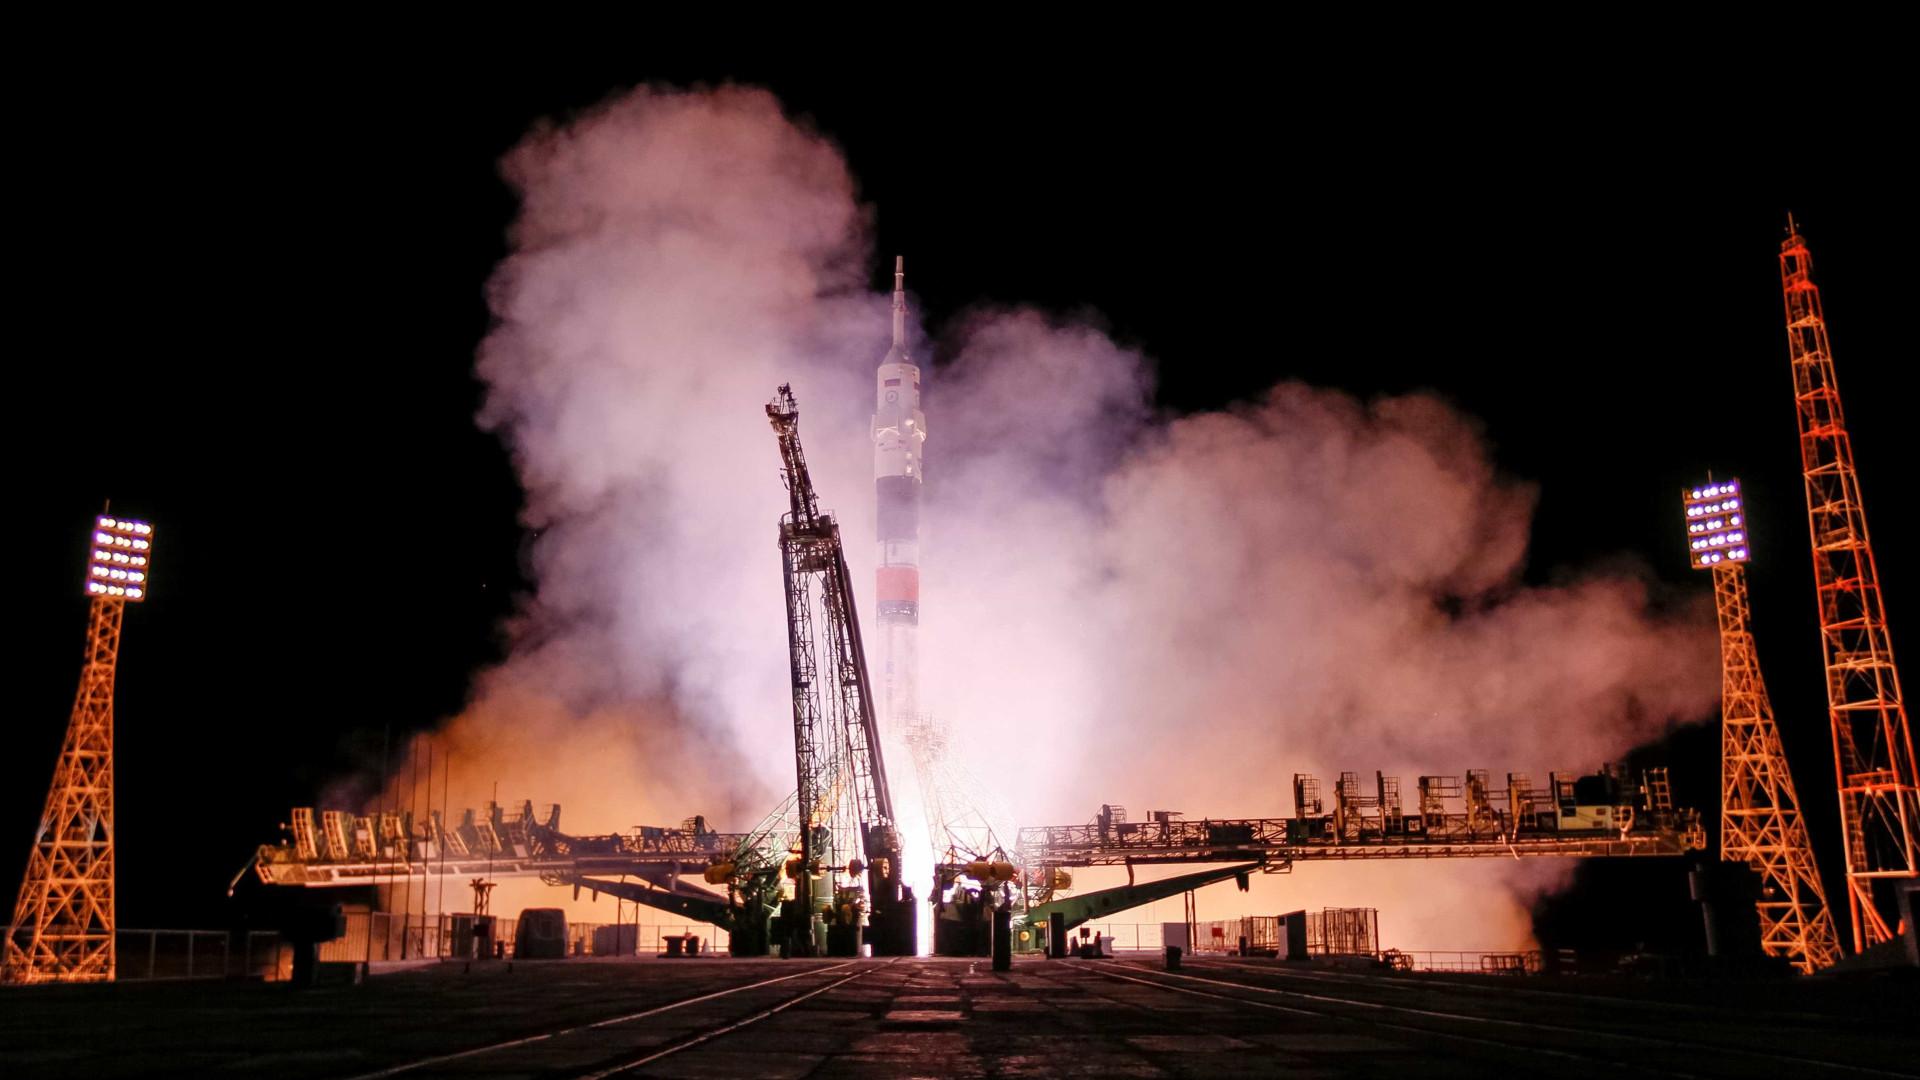 Agência espacial russa perde contacto com nave de carga não tripulada